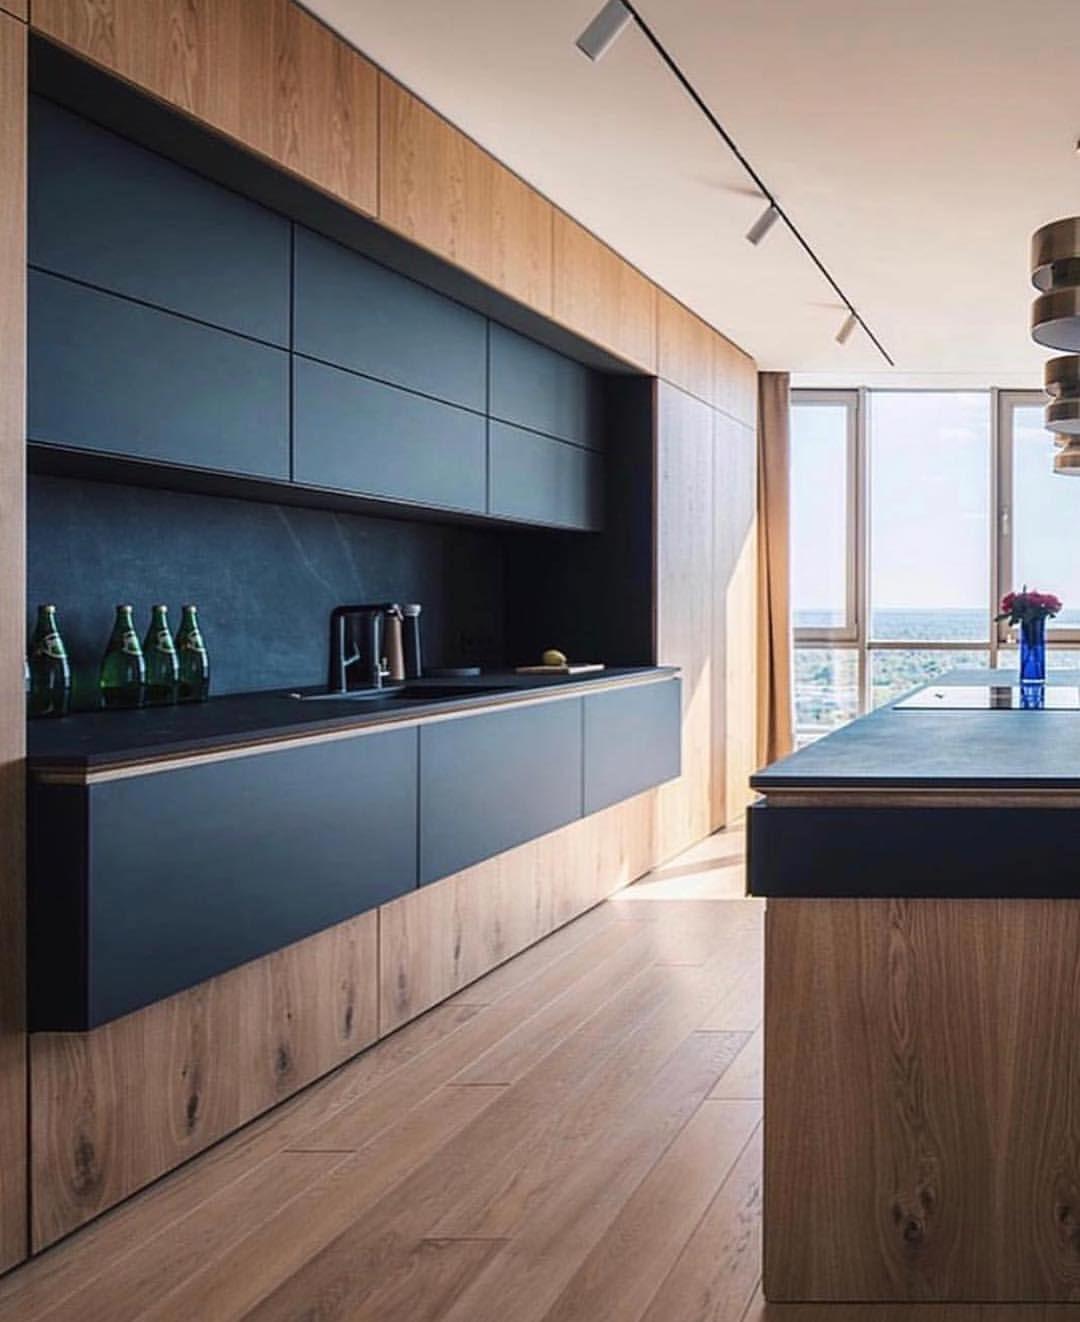 """Photo of Kjøkken på Instagram på Instagram: """"Elsker dette naturlige treverket! Fantastisk design fra @grimandesign """""""